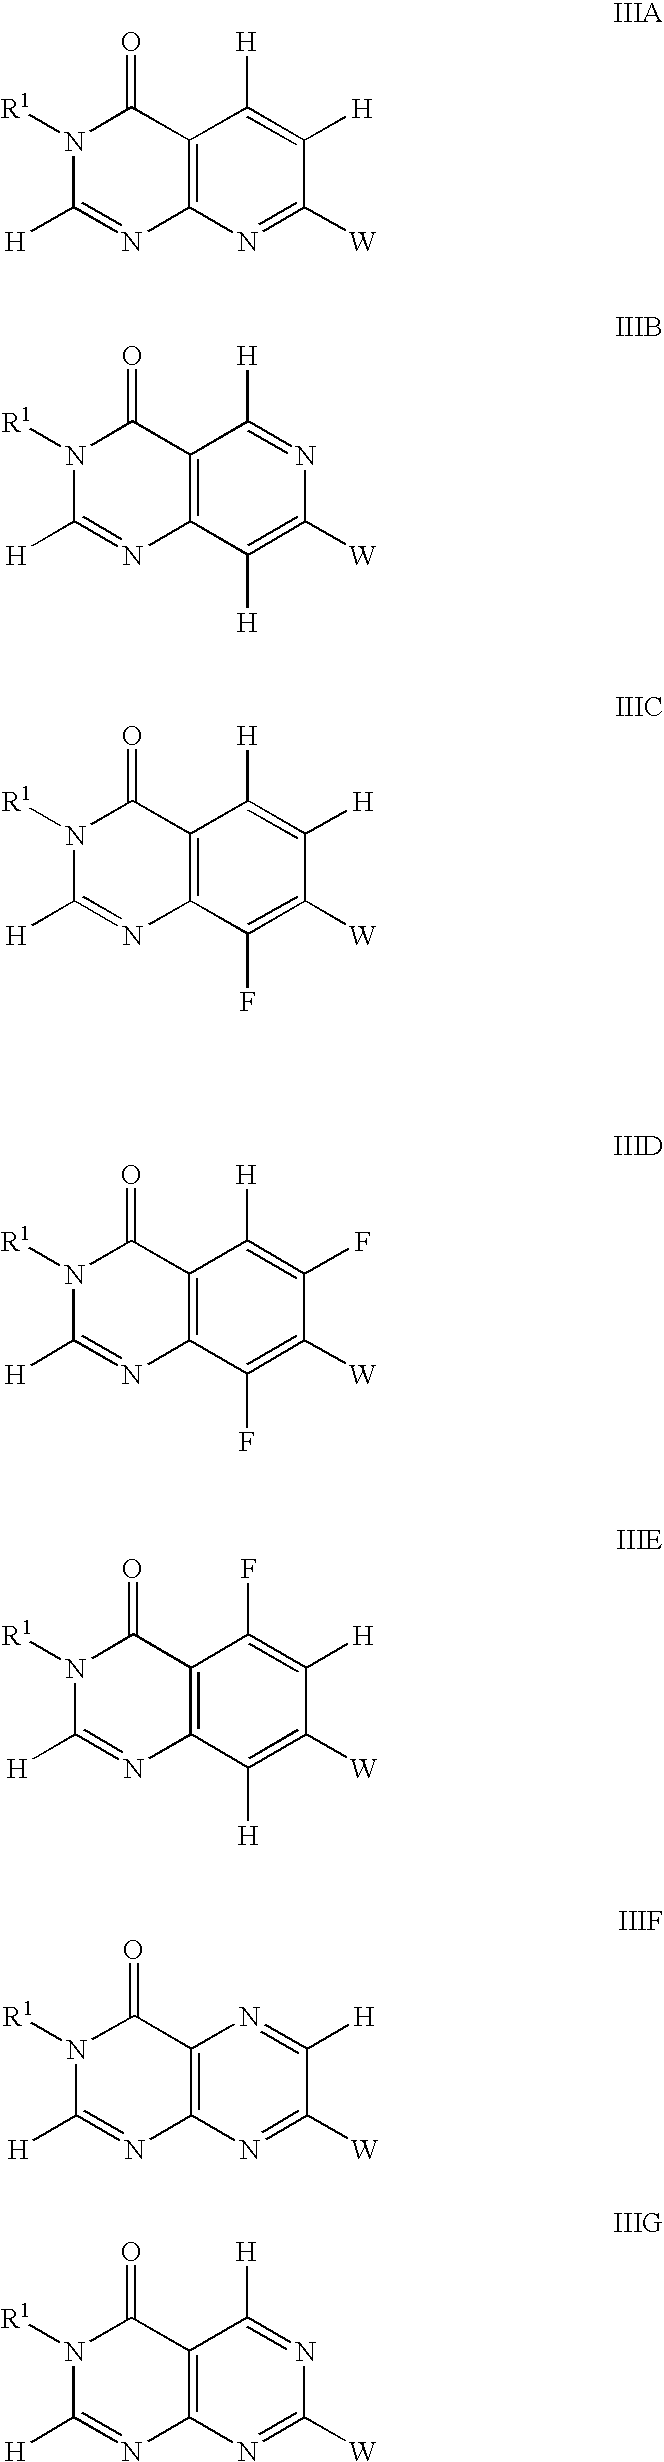 Figure US07858631-20101228-C00015